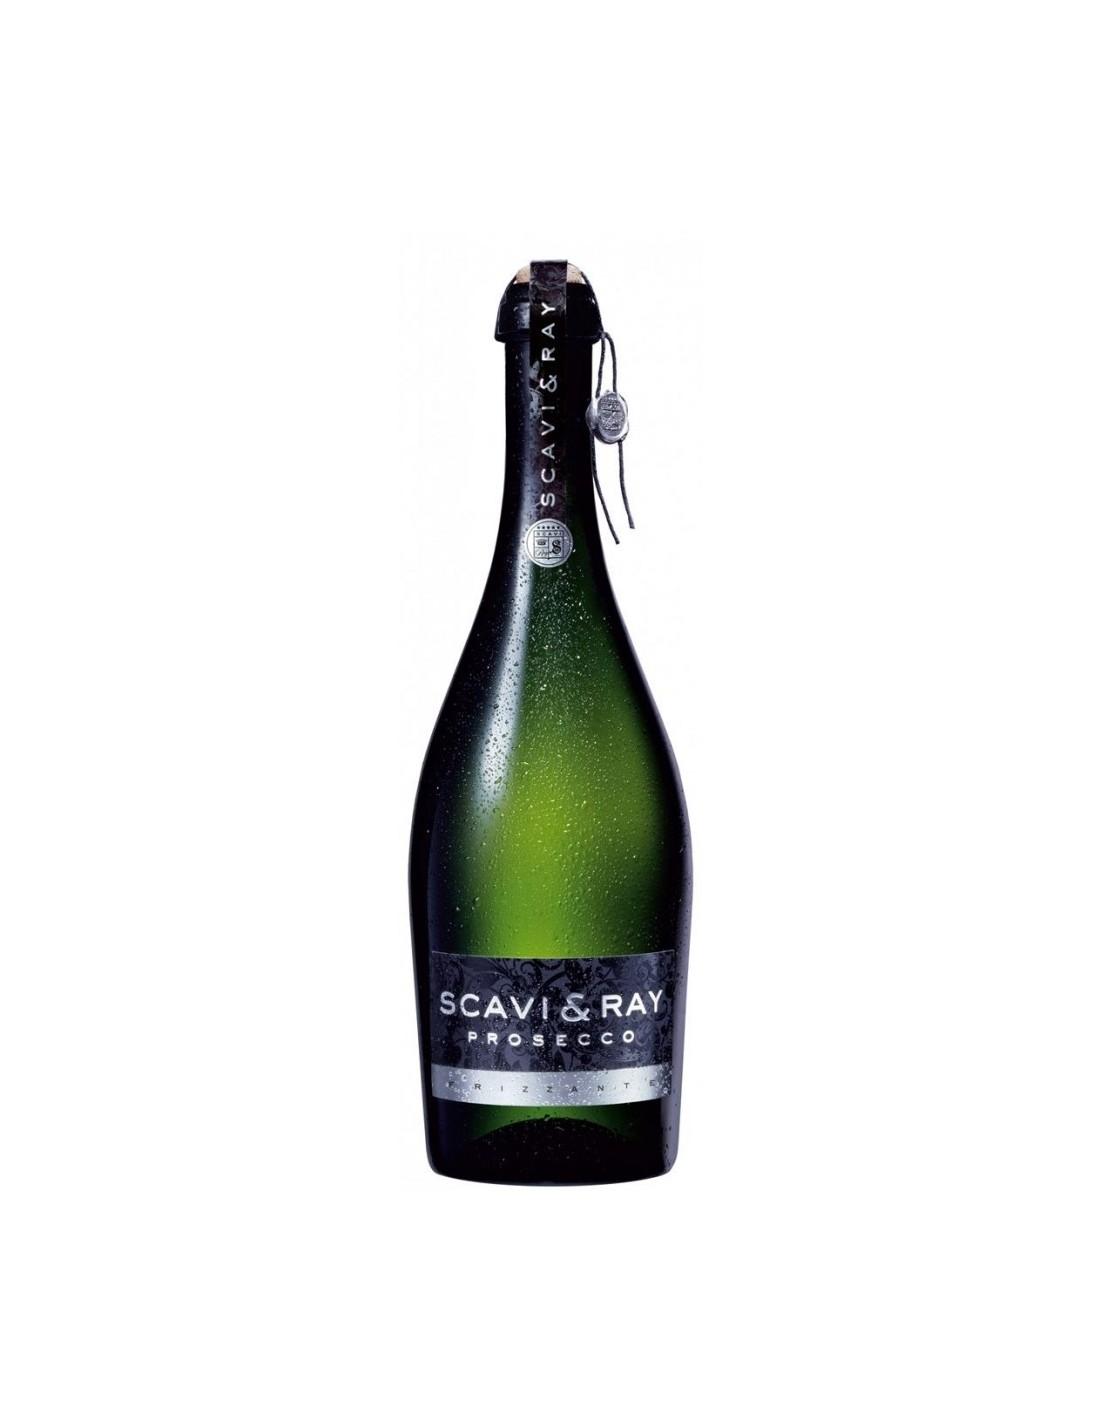 Vin frizzante Scavi&Ray Prosecco Extra Dry, 10.5% alc., 0.75L